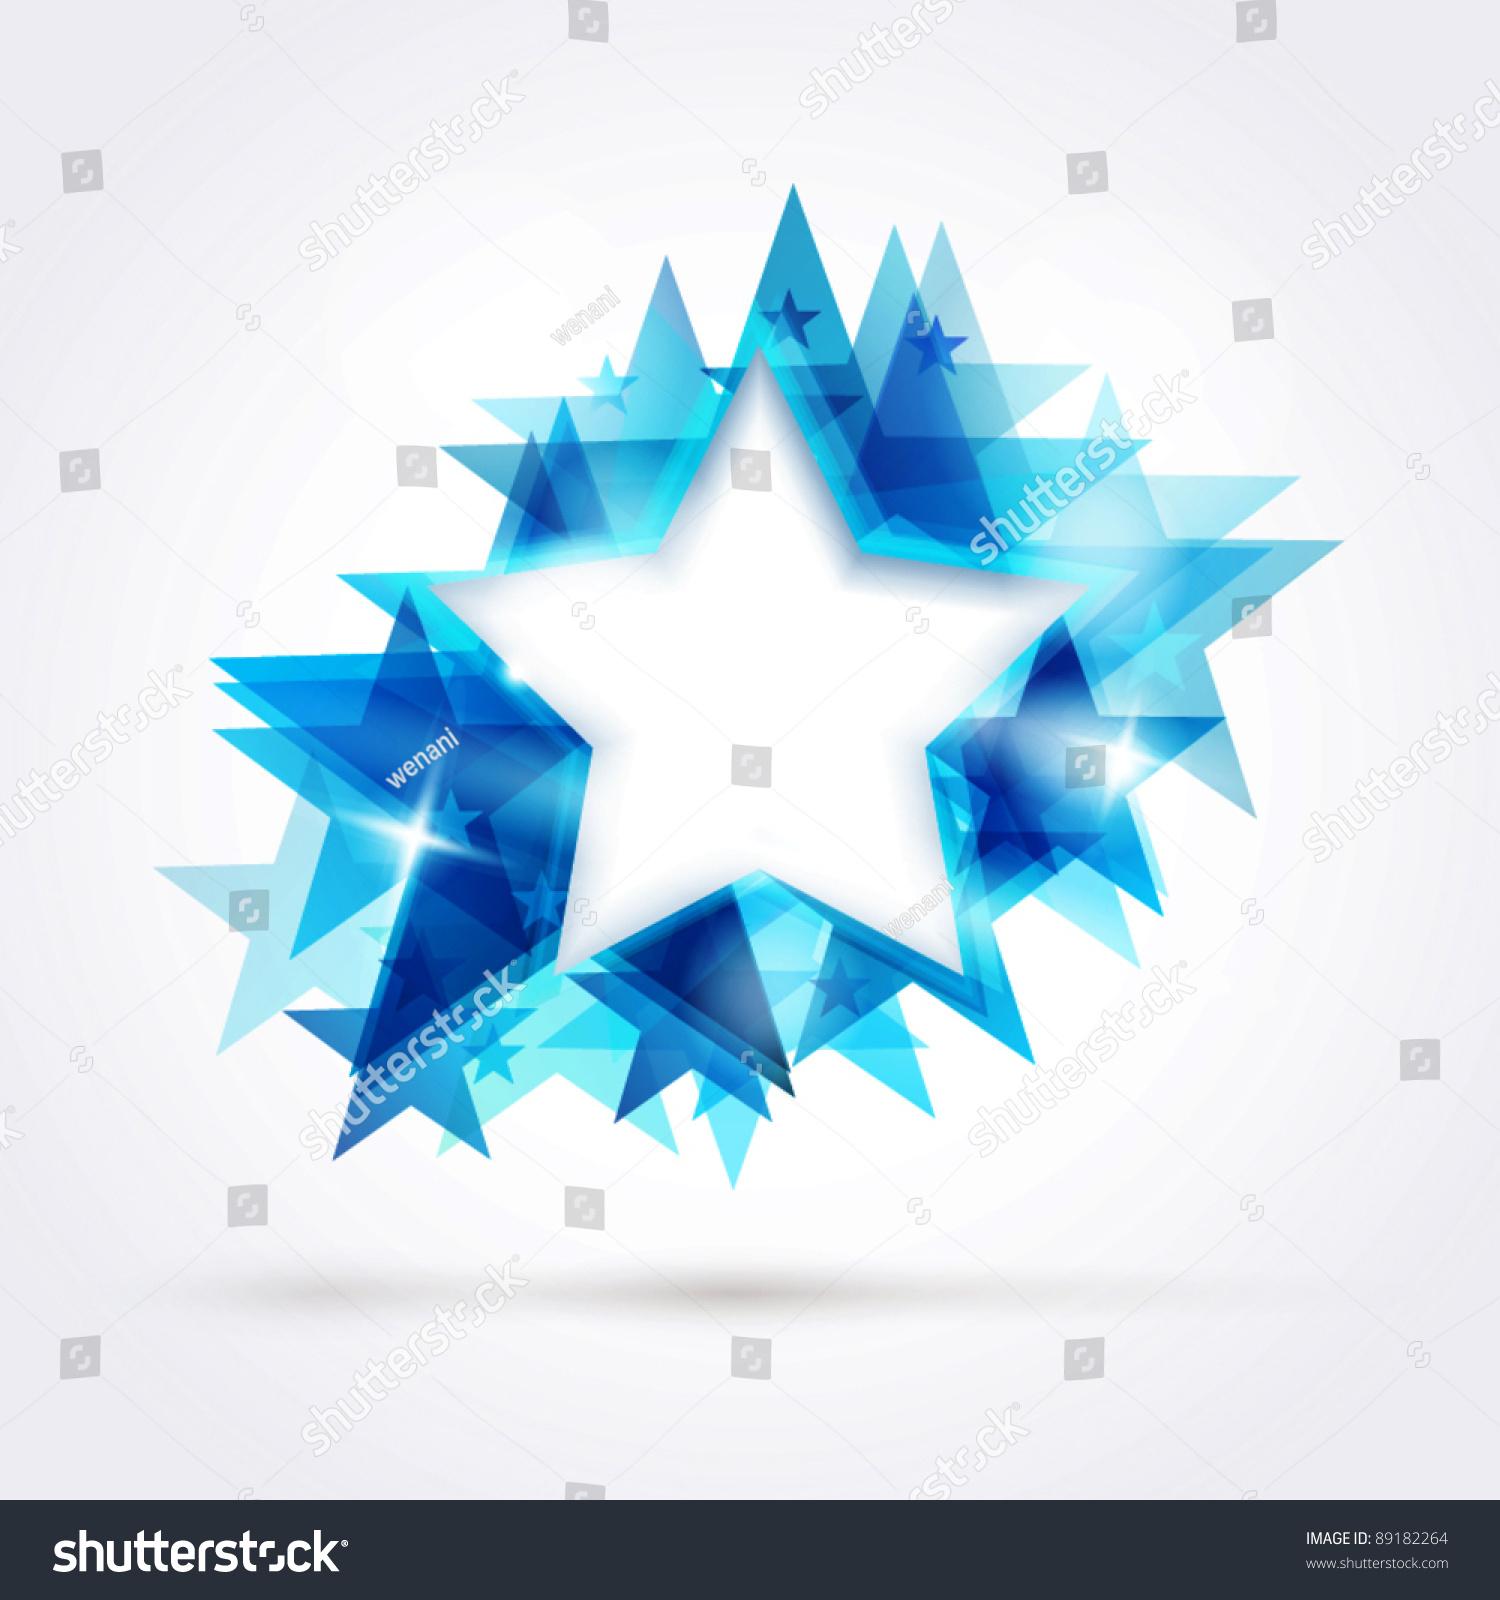 abstractstars abstract stars patterns - photo #27